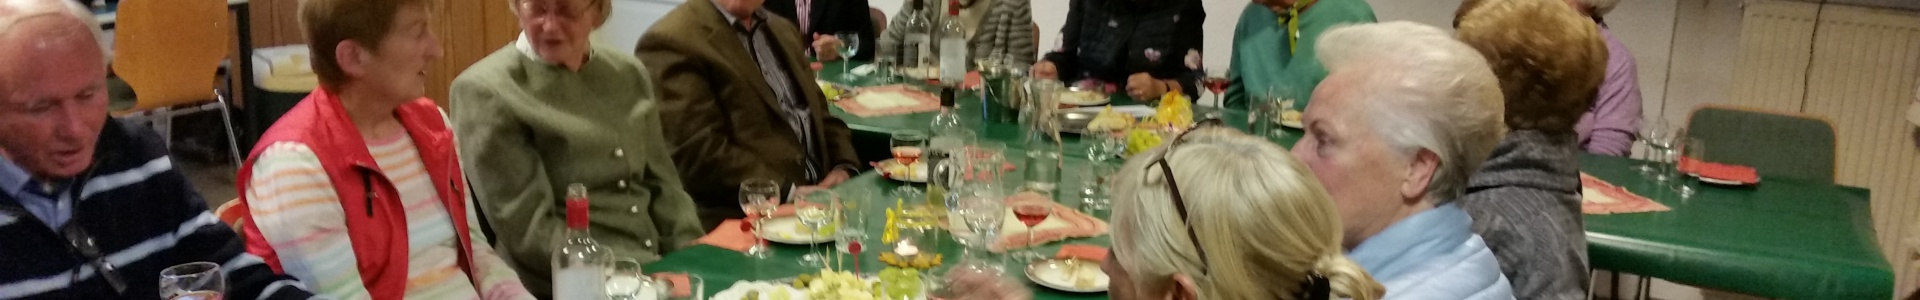 Weinprobe in der Remise